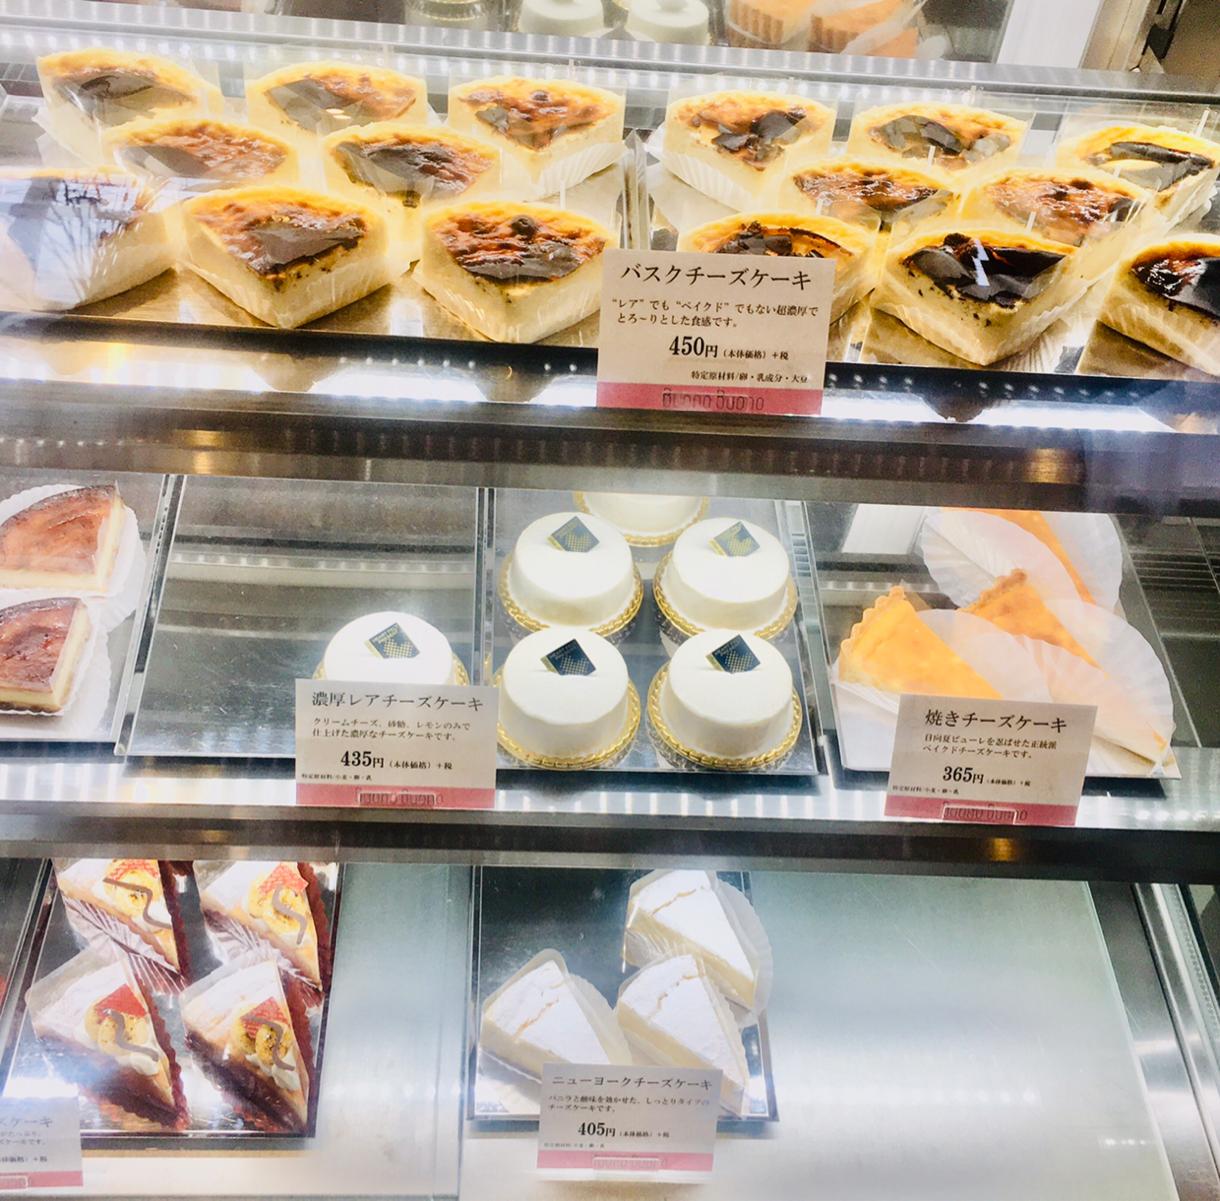 バスクチーズケーキ、レアチーズケーキ